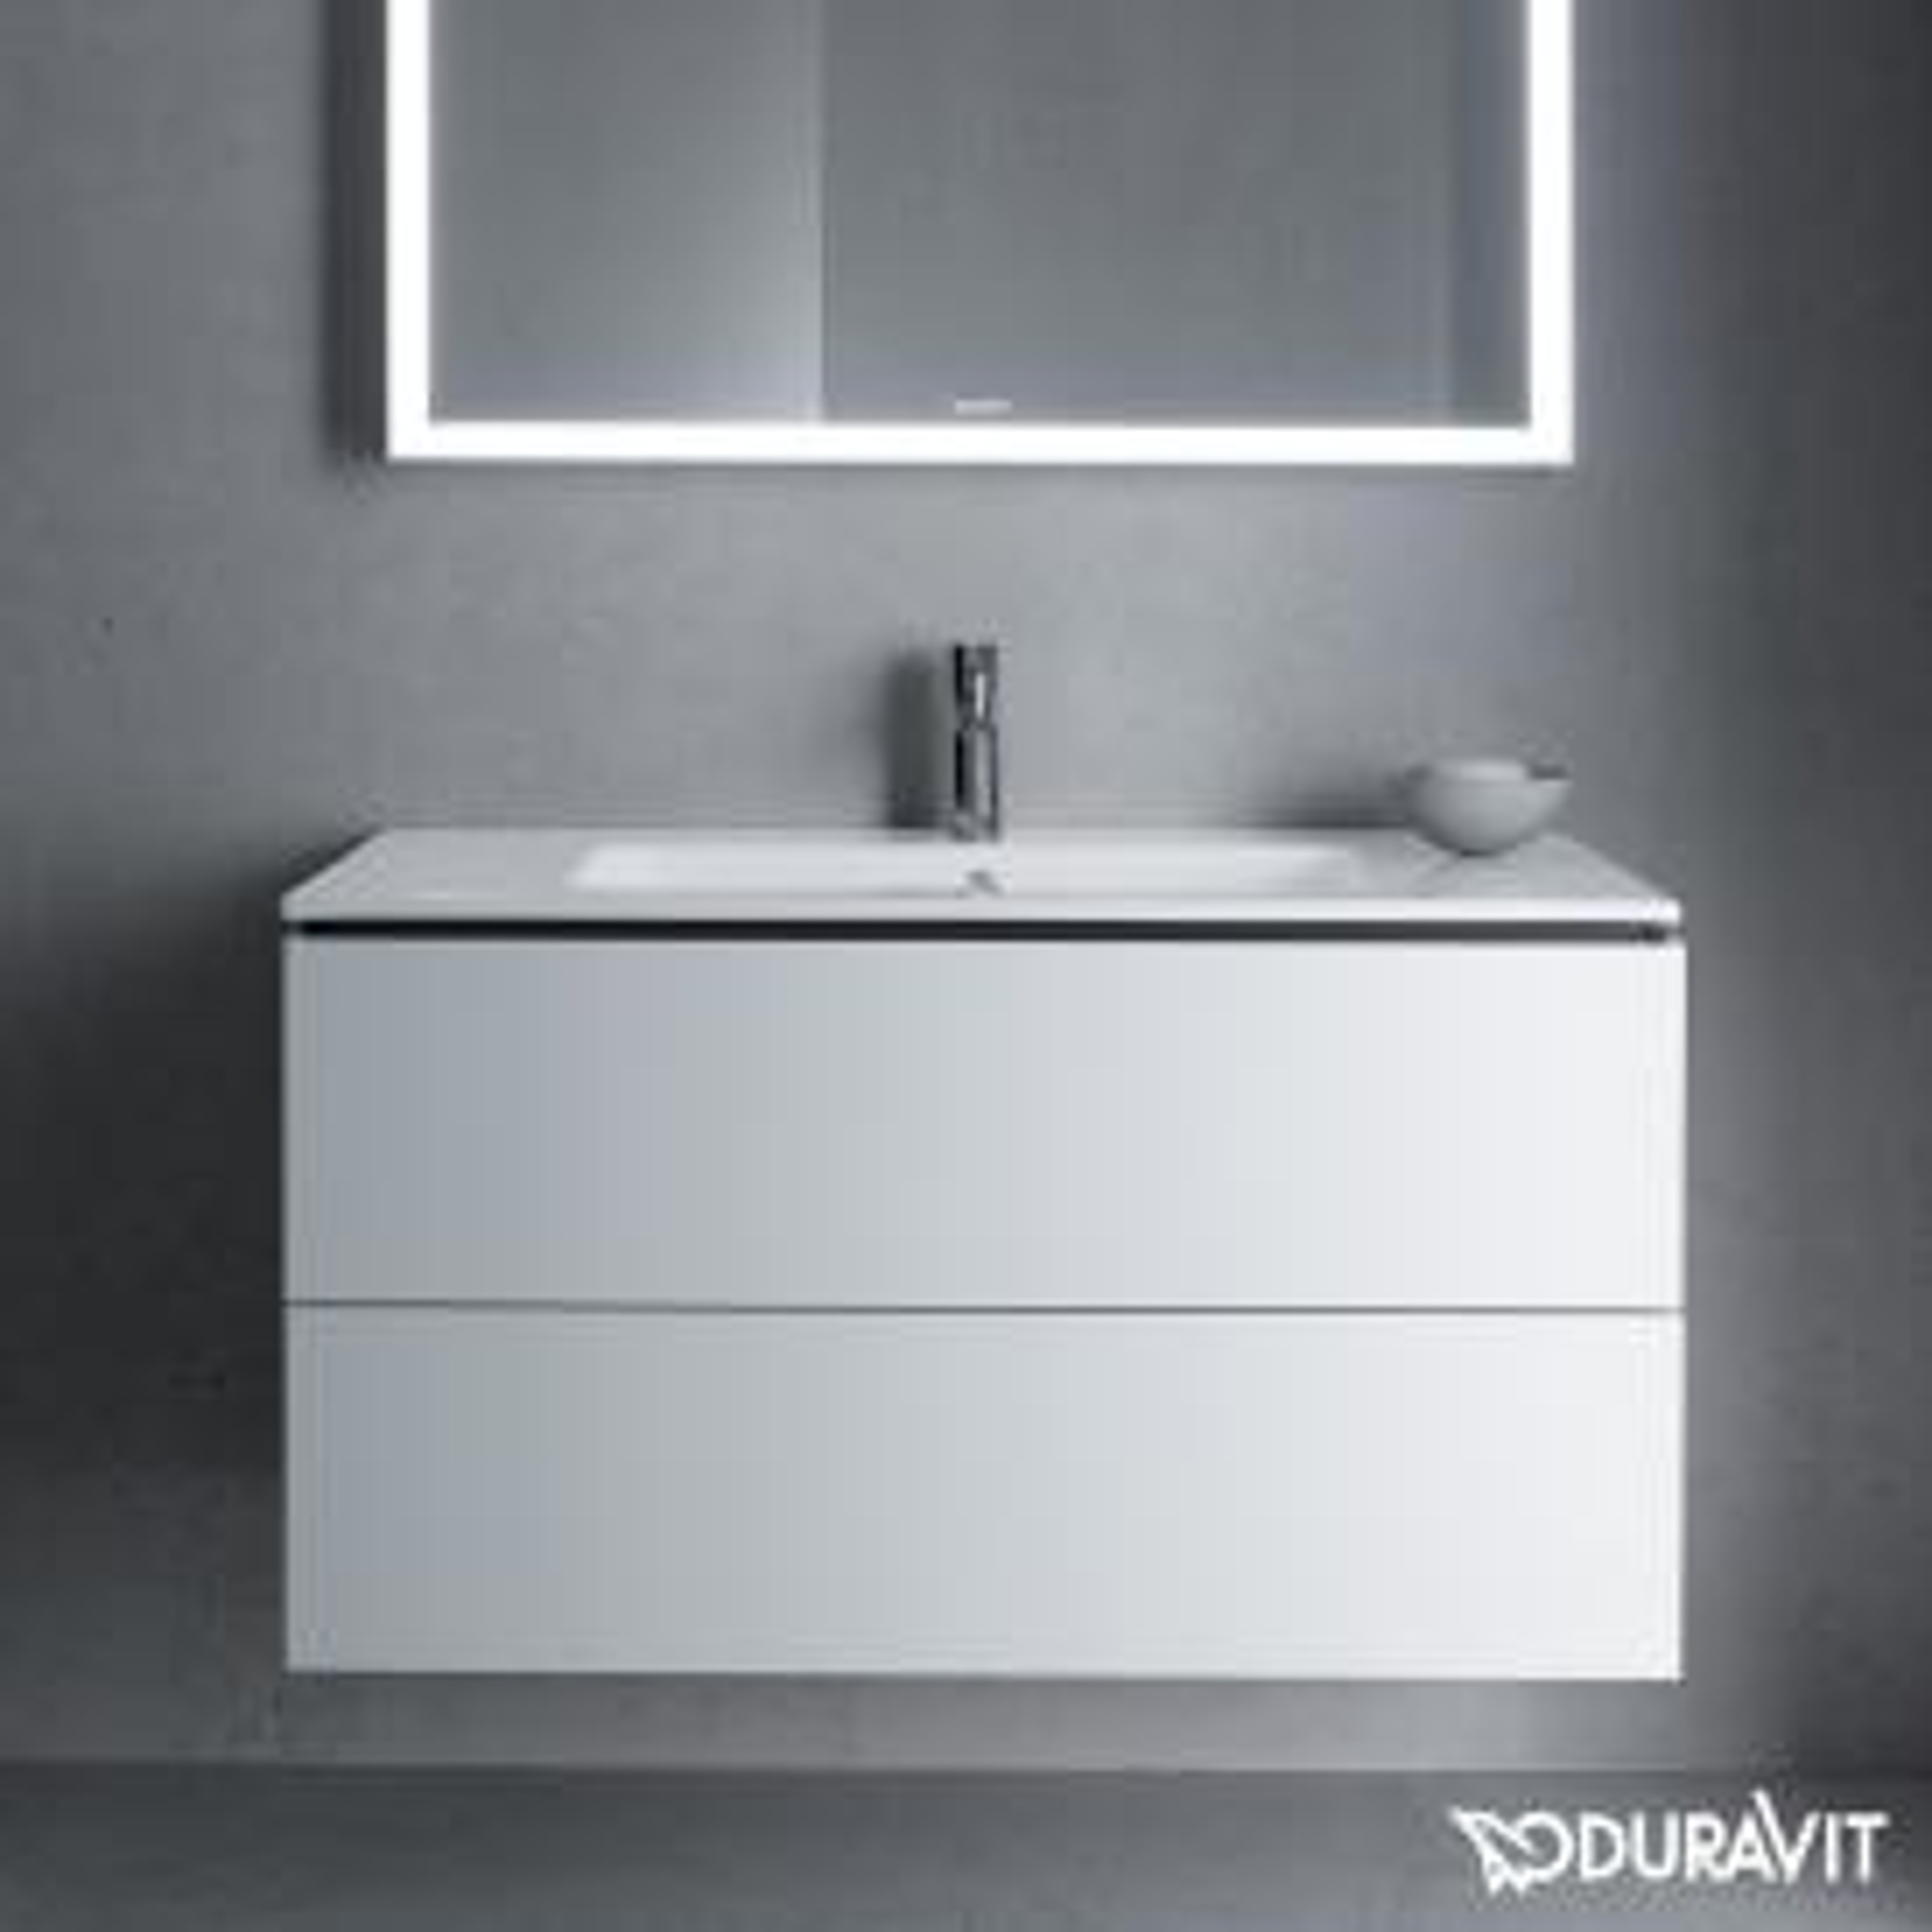 Duravit ME by Starck Waschtisch mit L-Cube Waschtischunterschrank weiß matt, mit WonderGliss, mit 1 Hahnloch